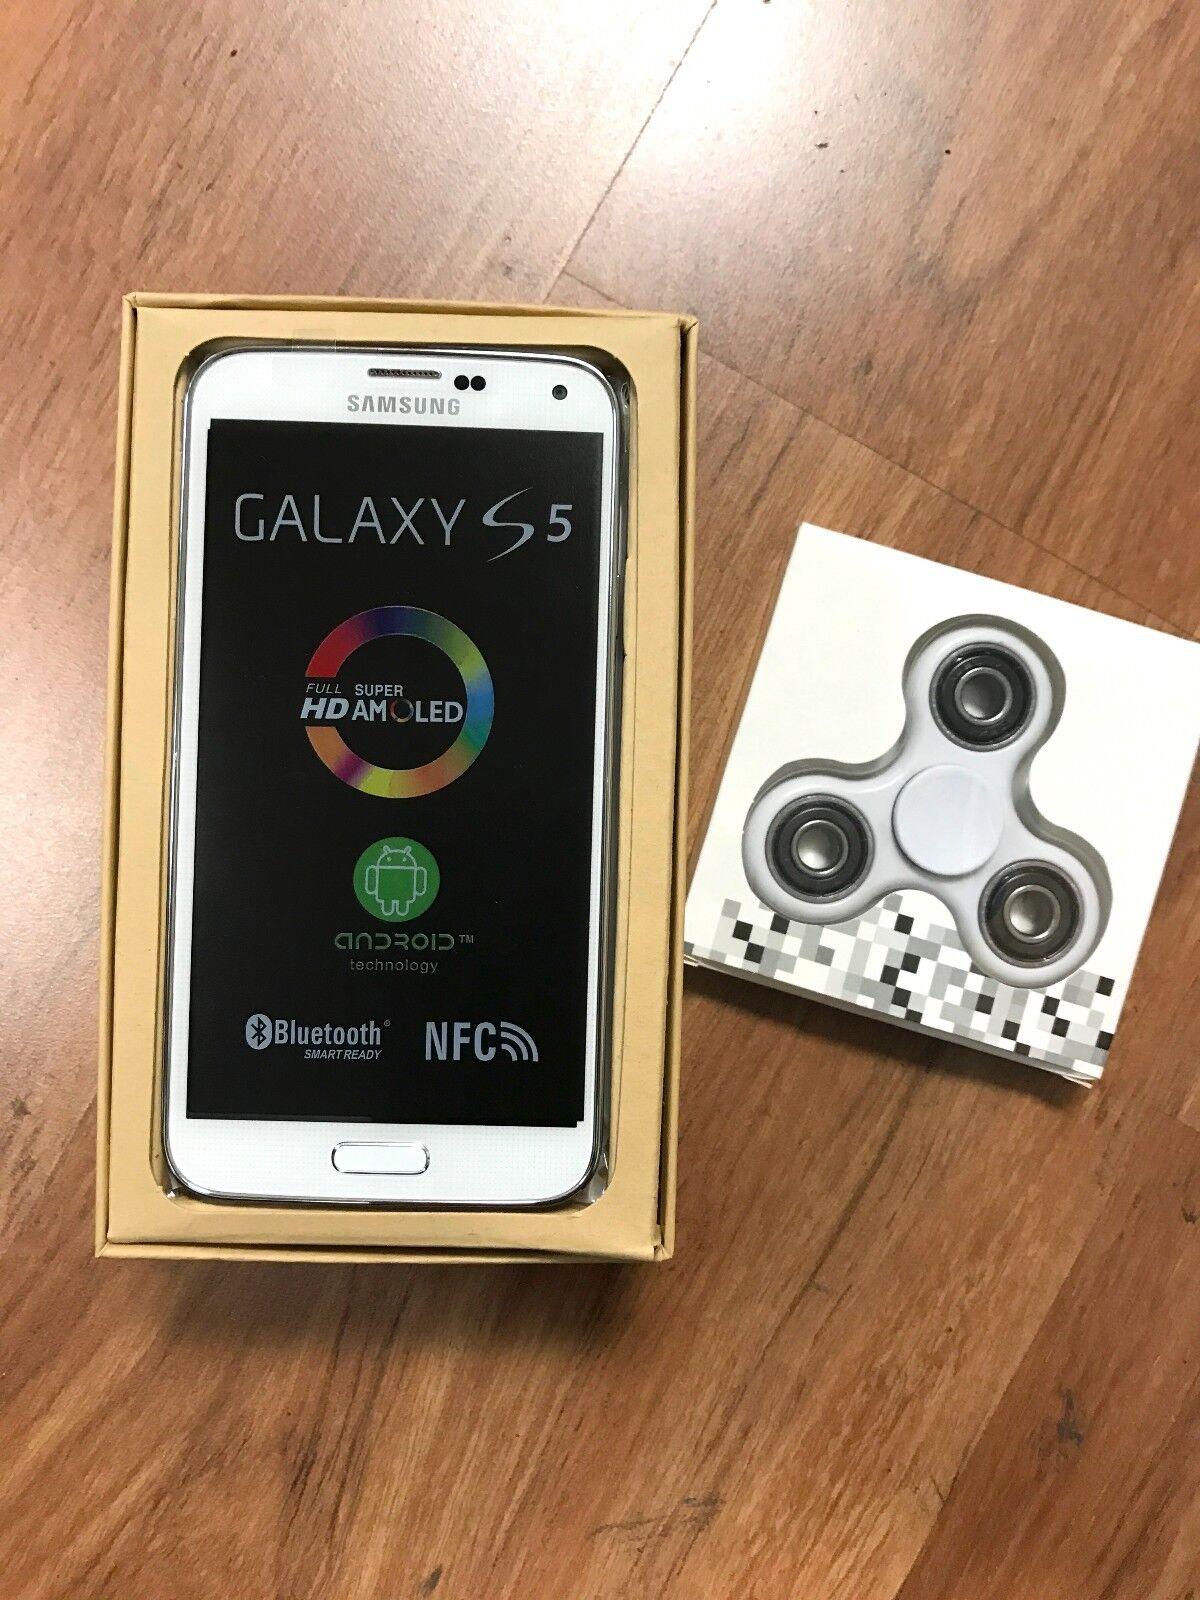 $159.99 - New Samsung Galaxy S5 SM-G900V - 16GB - Shimmery White GSM (Unlocked) Verizon.